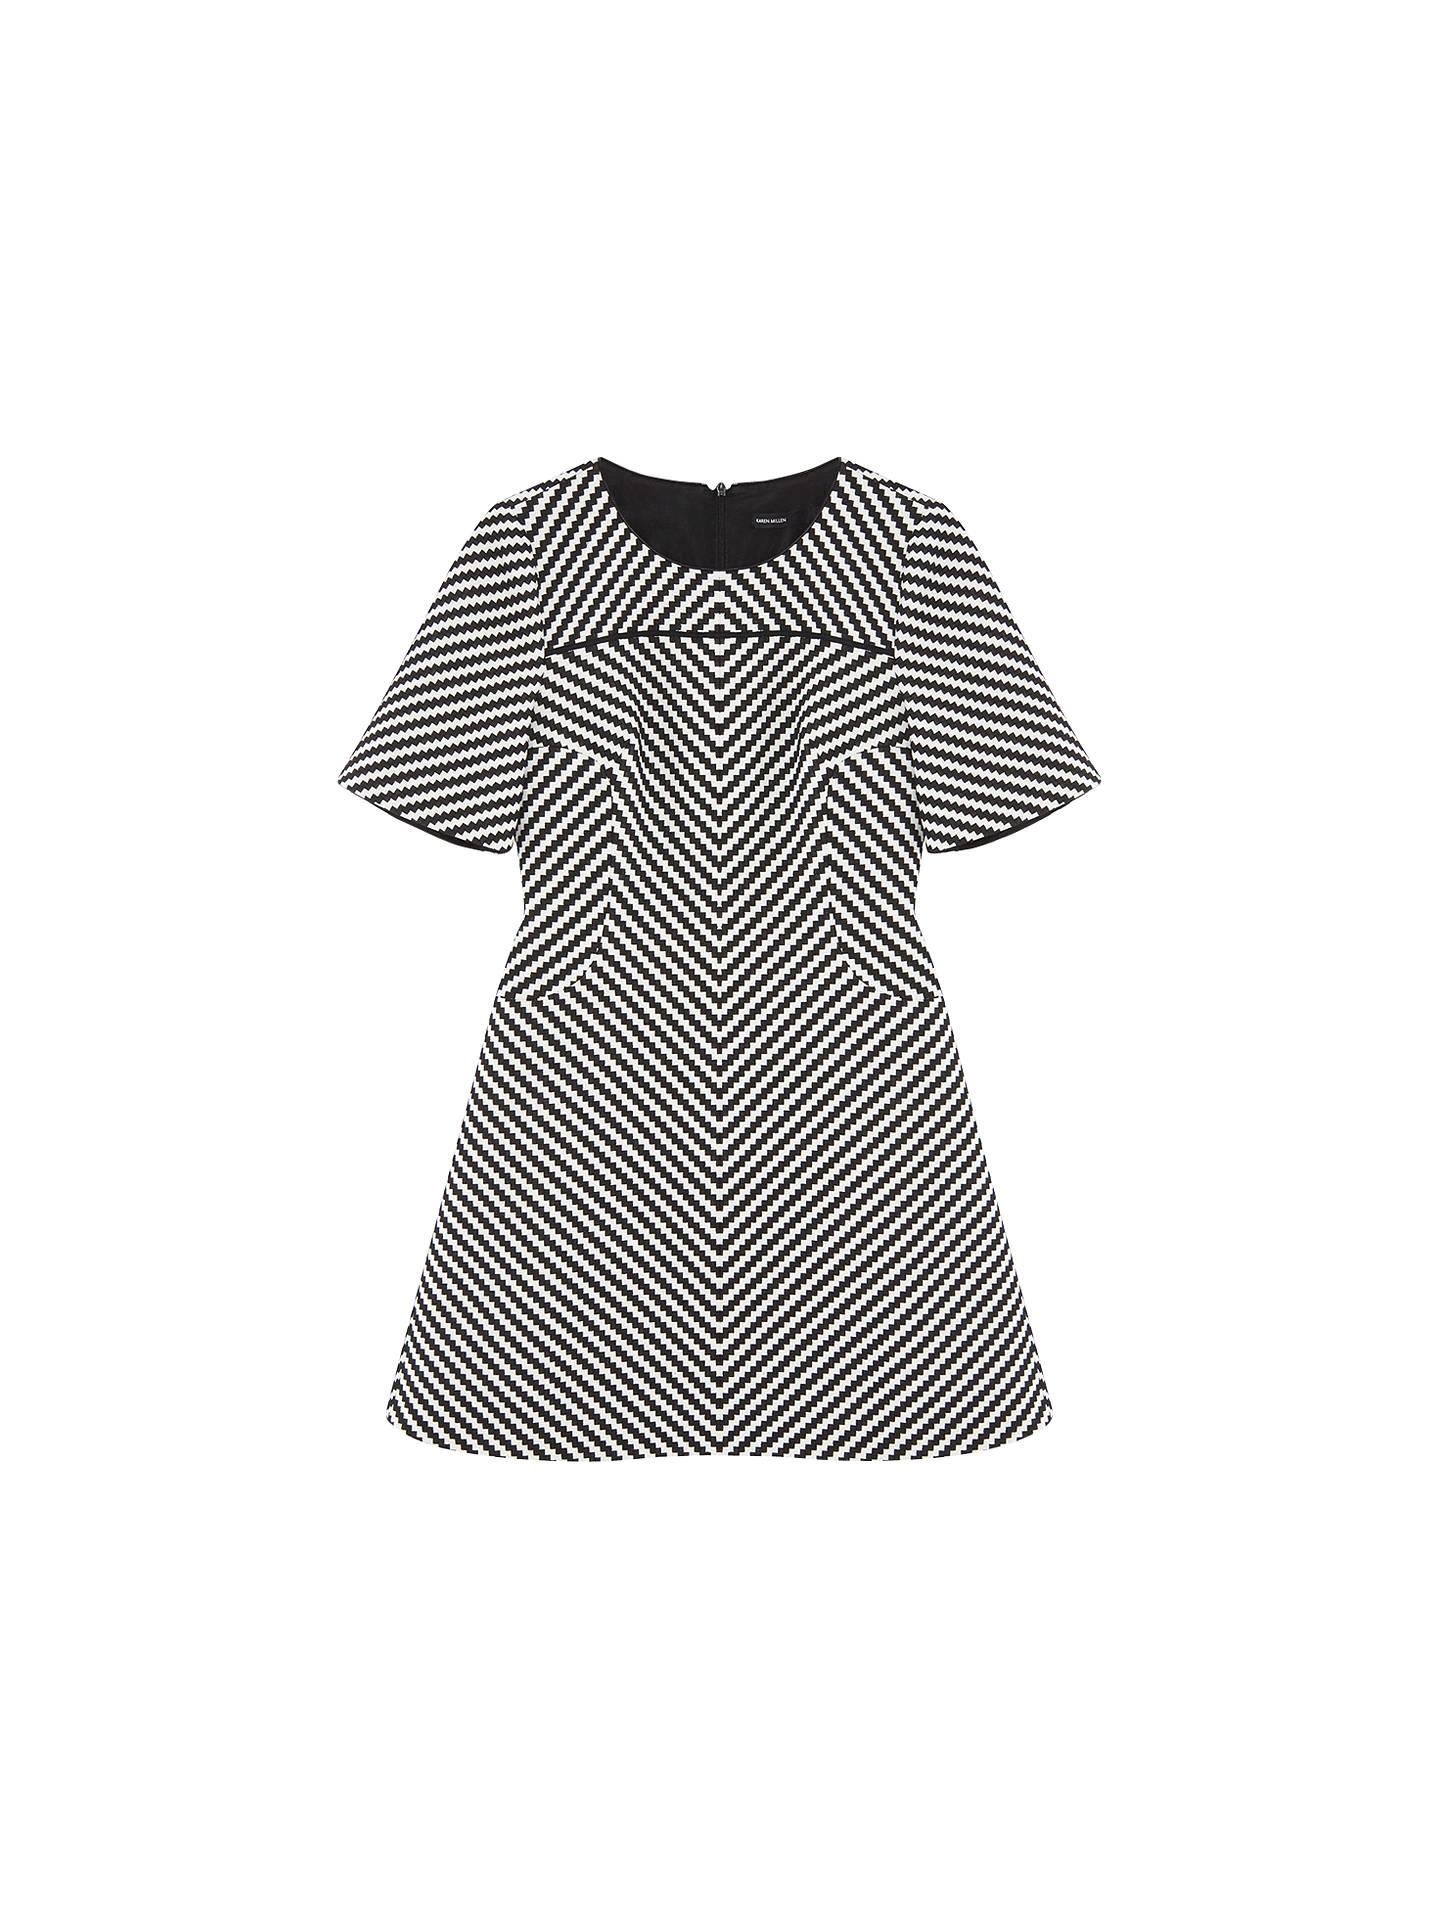 90f9992cc74e4 Karen Millen Modern Zig Zag Dress, Black/White at John Lewis & Partners